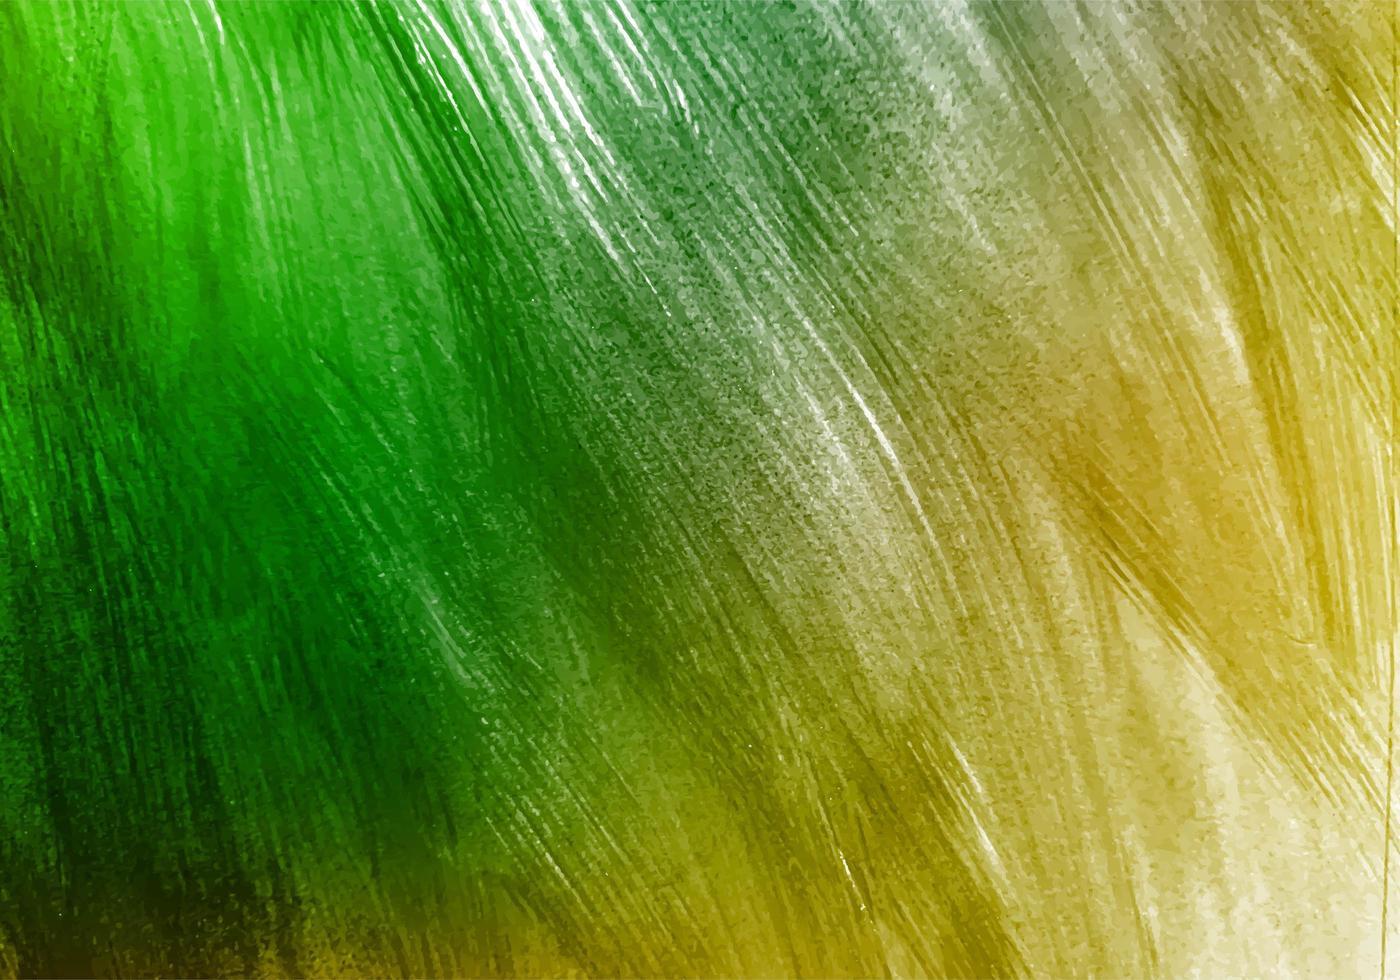 fond de texture de coup de pinceau aquarelle verte vecteur